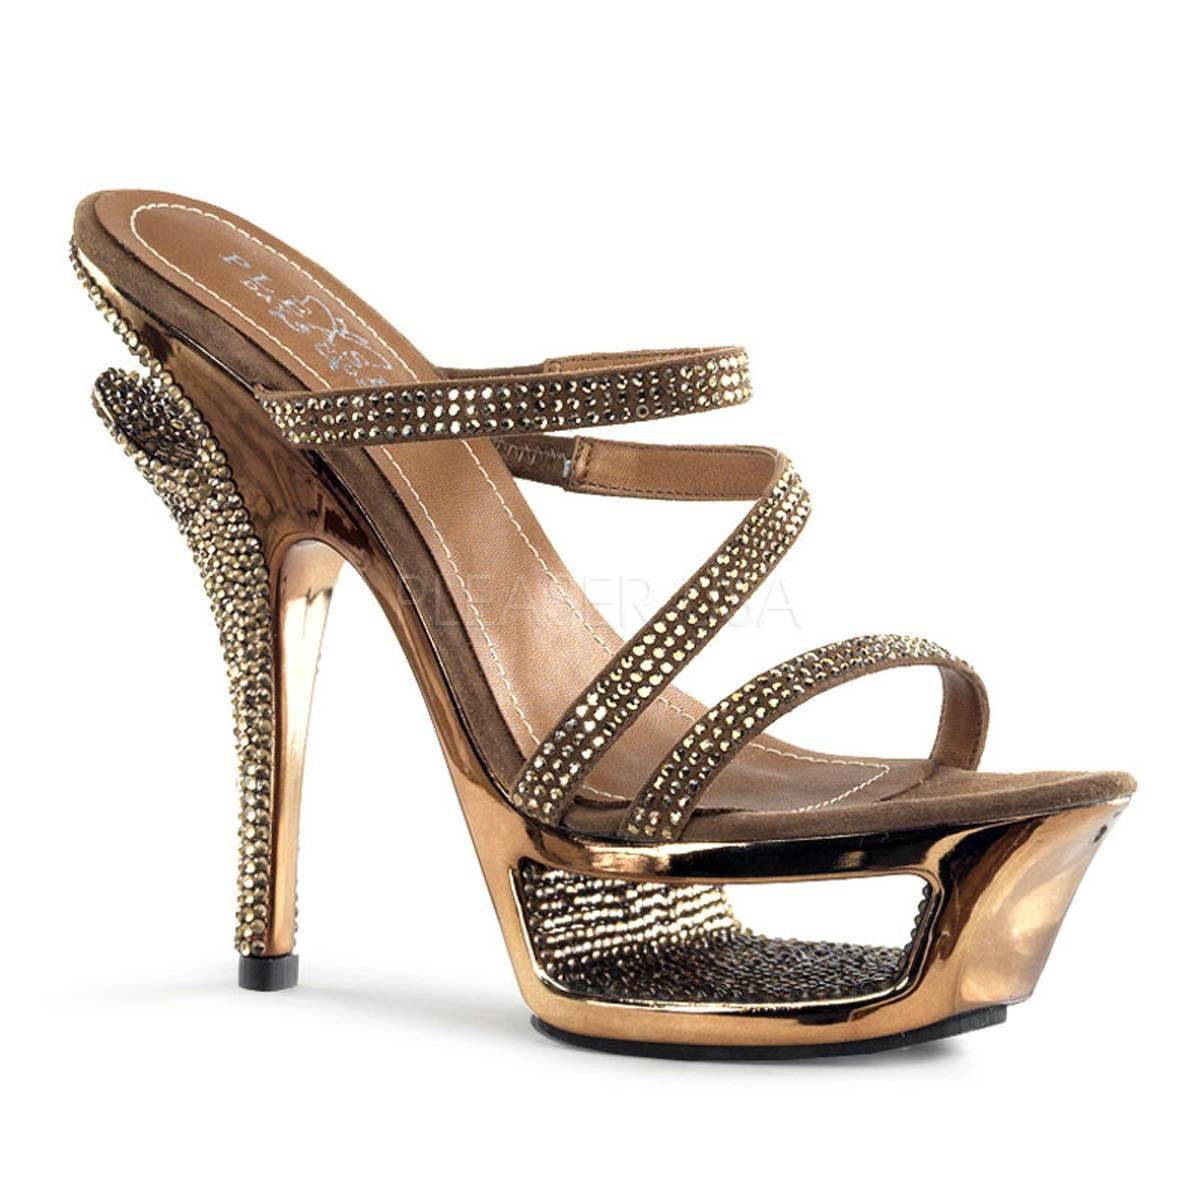 Highheels für Frauen - DELUXE 603 ° Damen Sandalette ° Bronze Leder ° Pleaser Day Night  - Onlineshop RedSixty